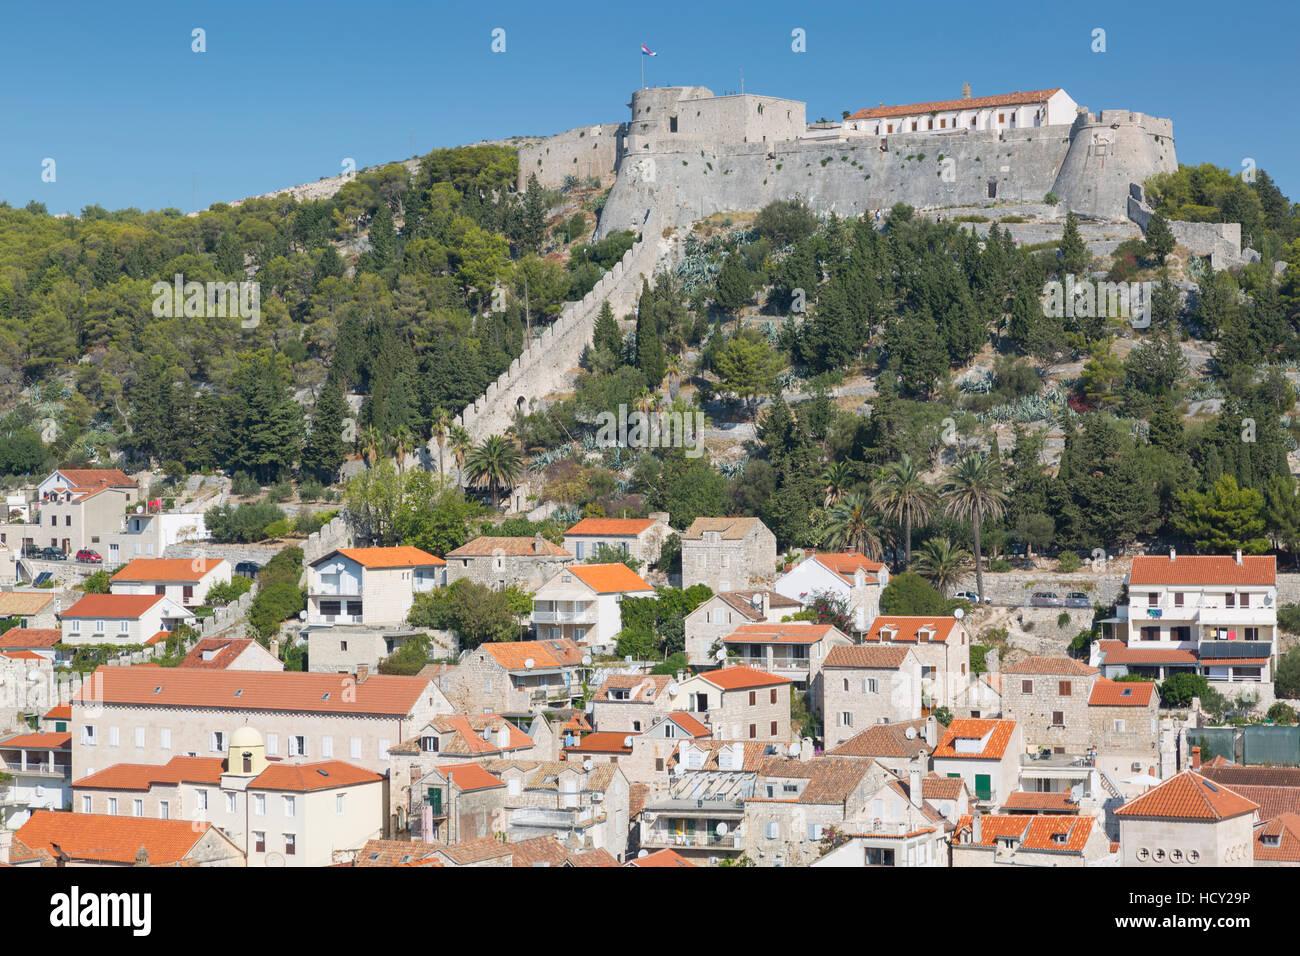 Vista principale di Hvar piazza dominata dalla fortezza spagnola, Hvar, isola di Hvar, Dalmazia, Croazia Foto Stock